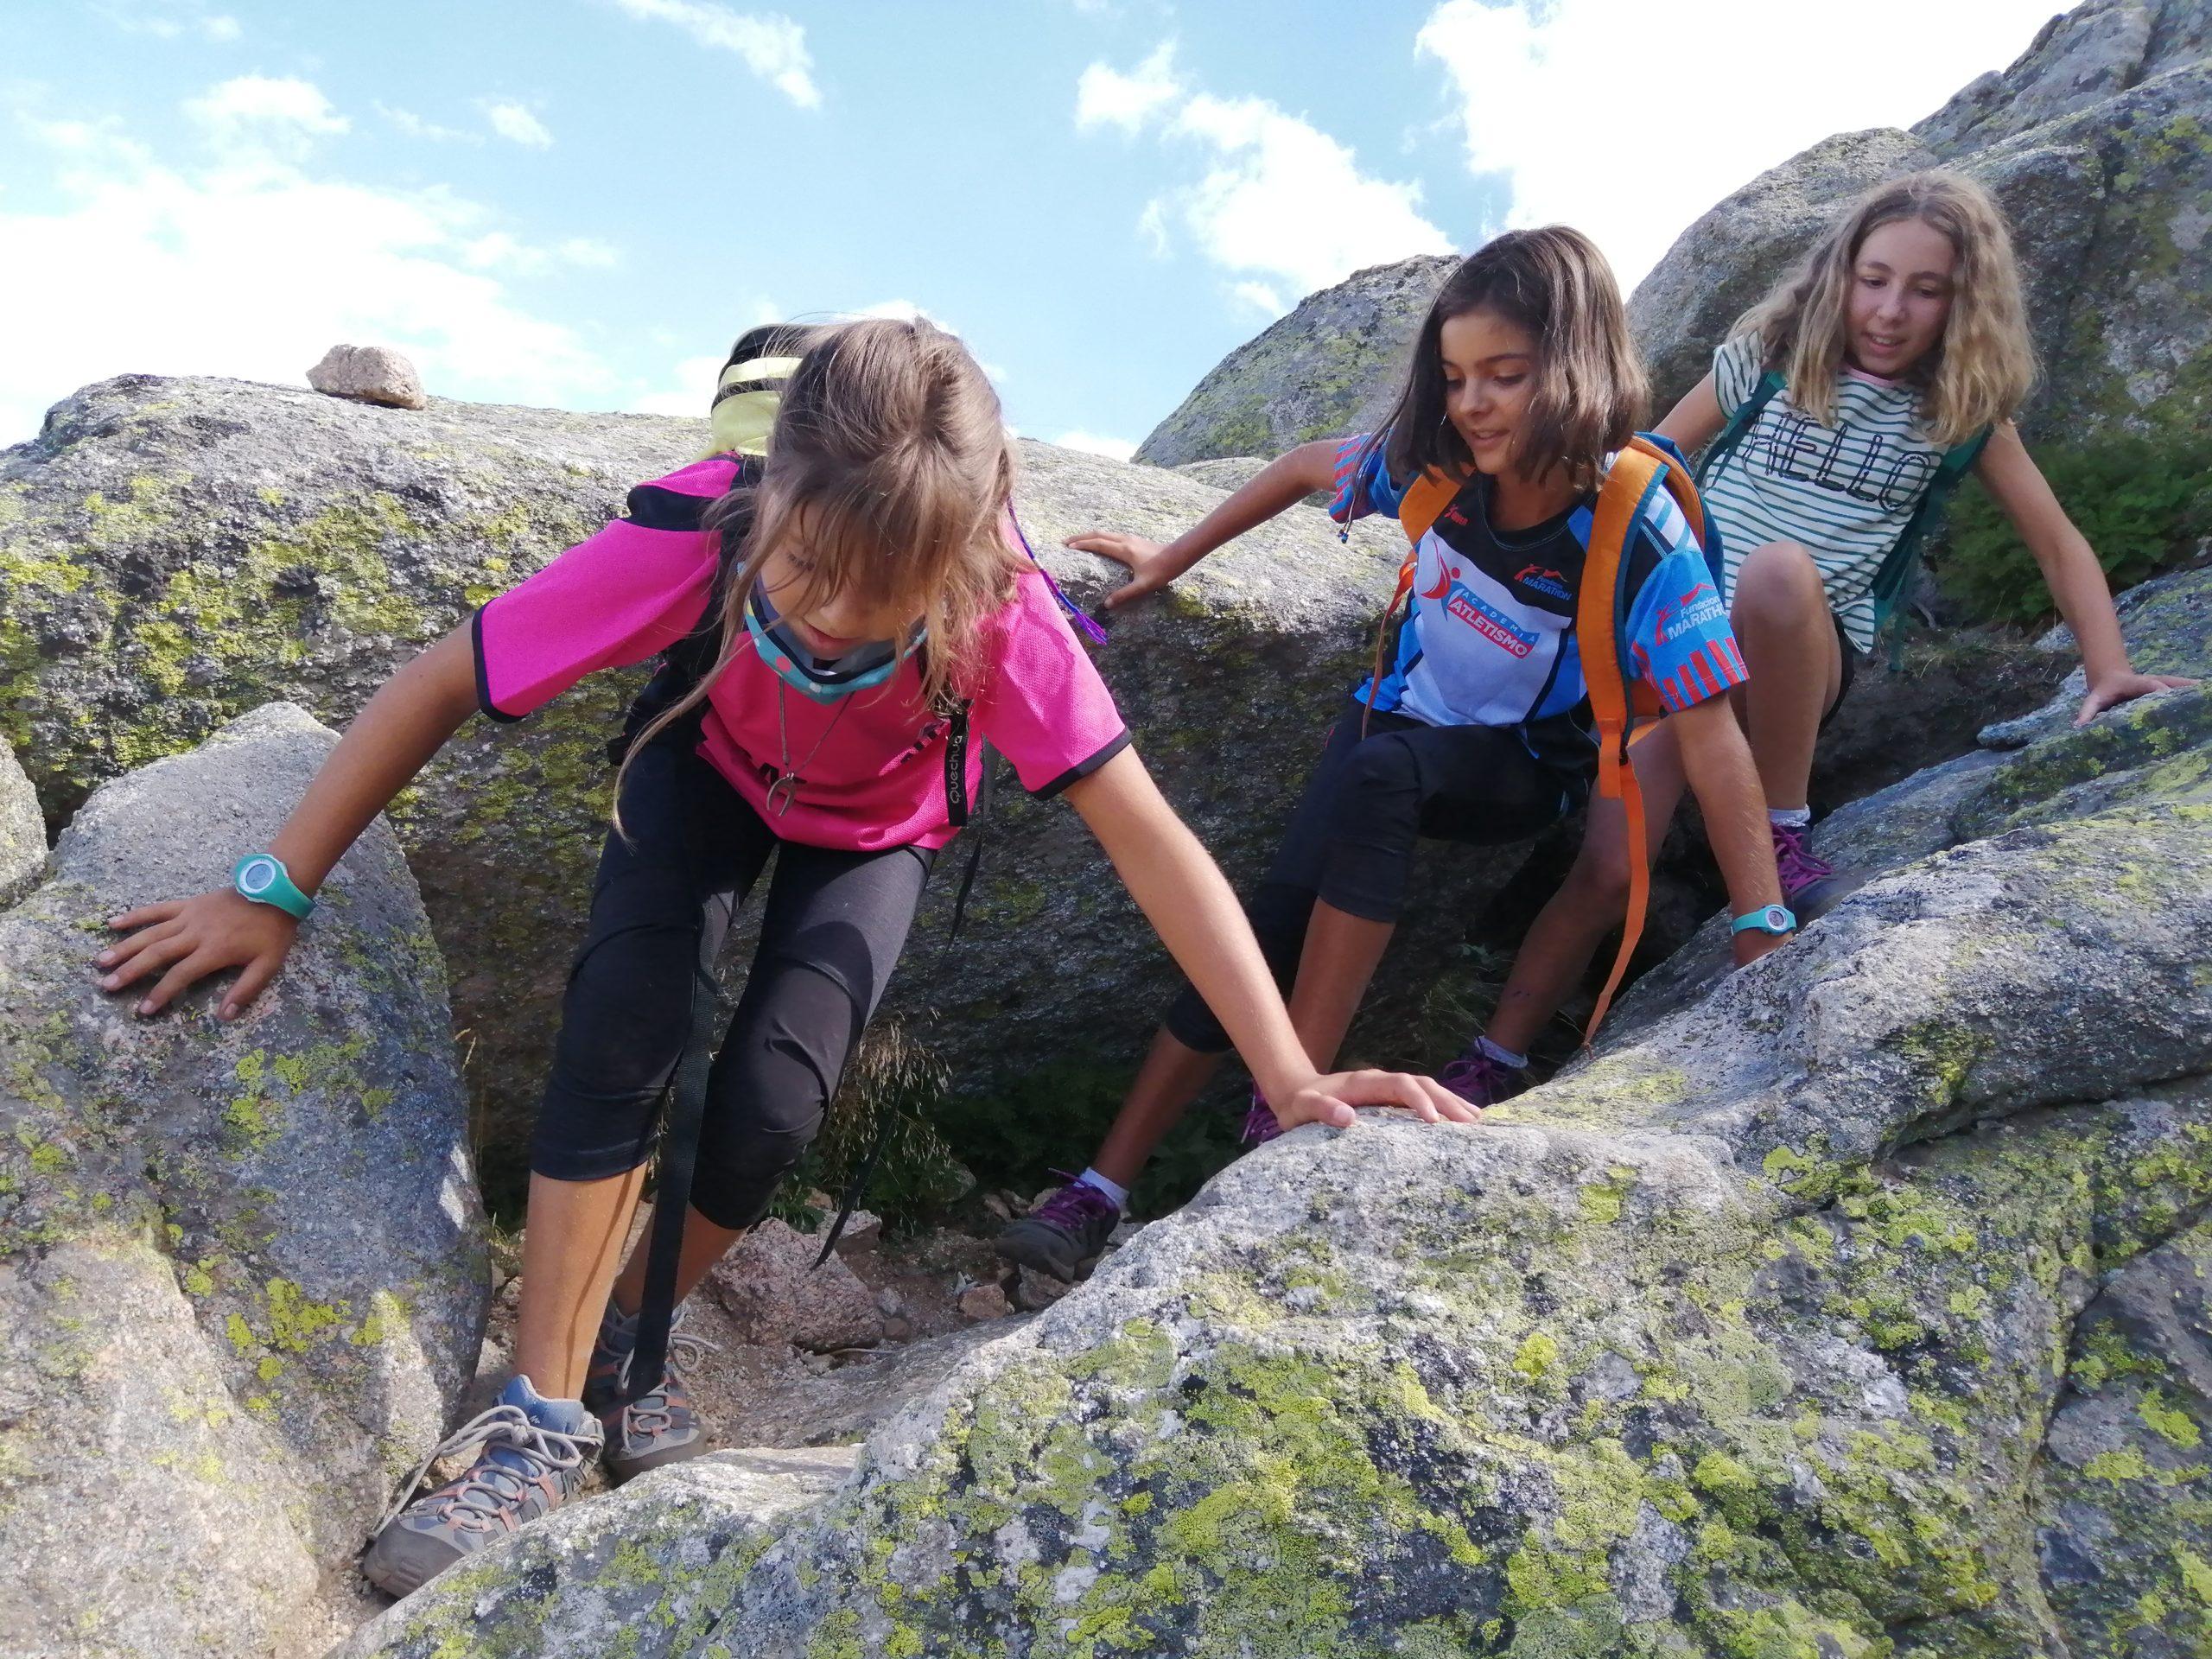 Bajando de camino hacia los 7 picos en Navacerrada